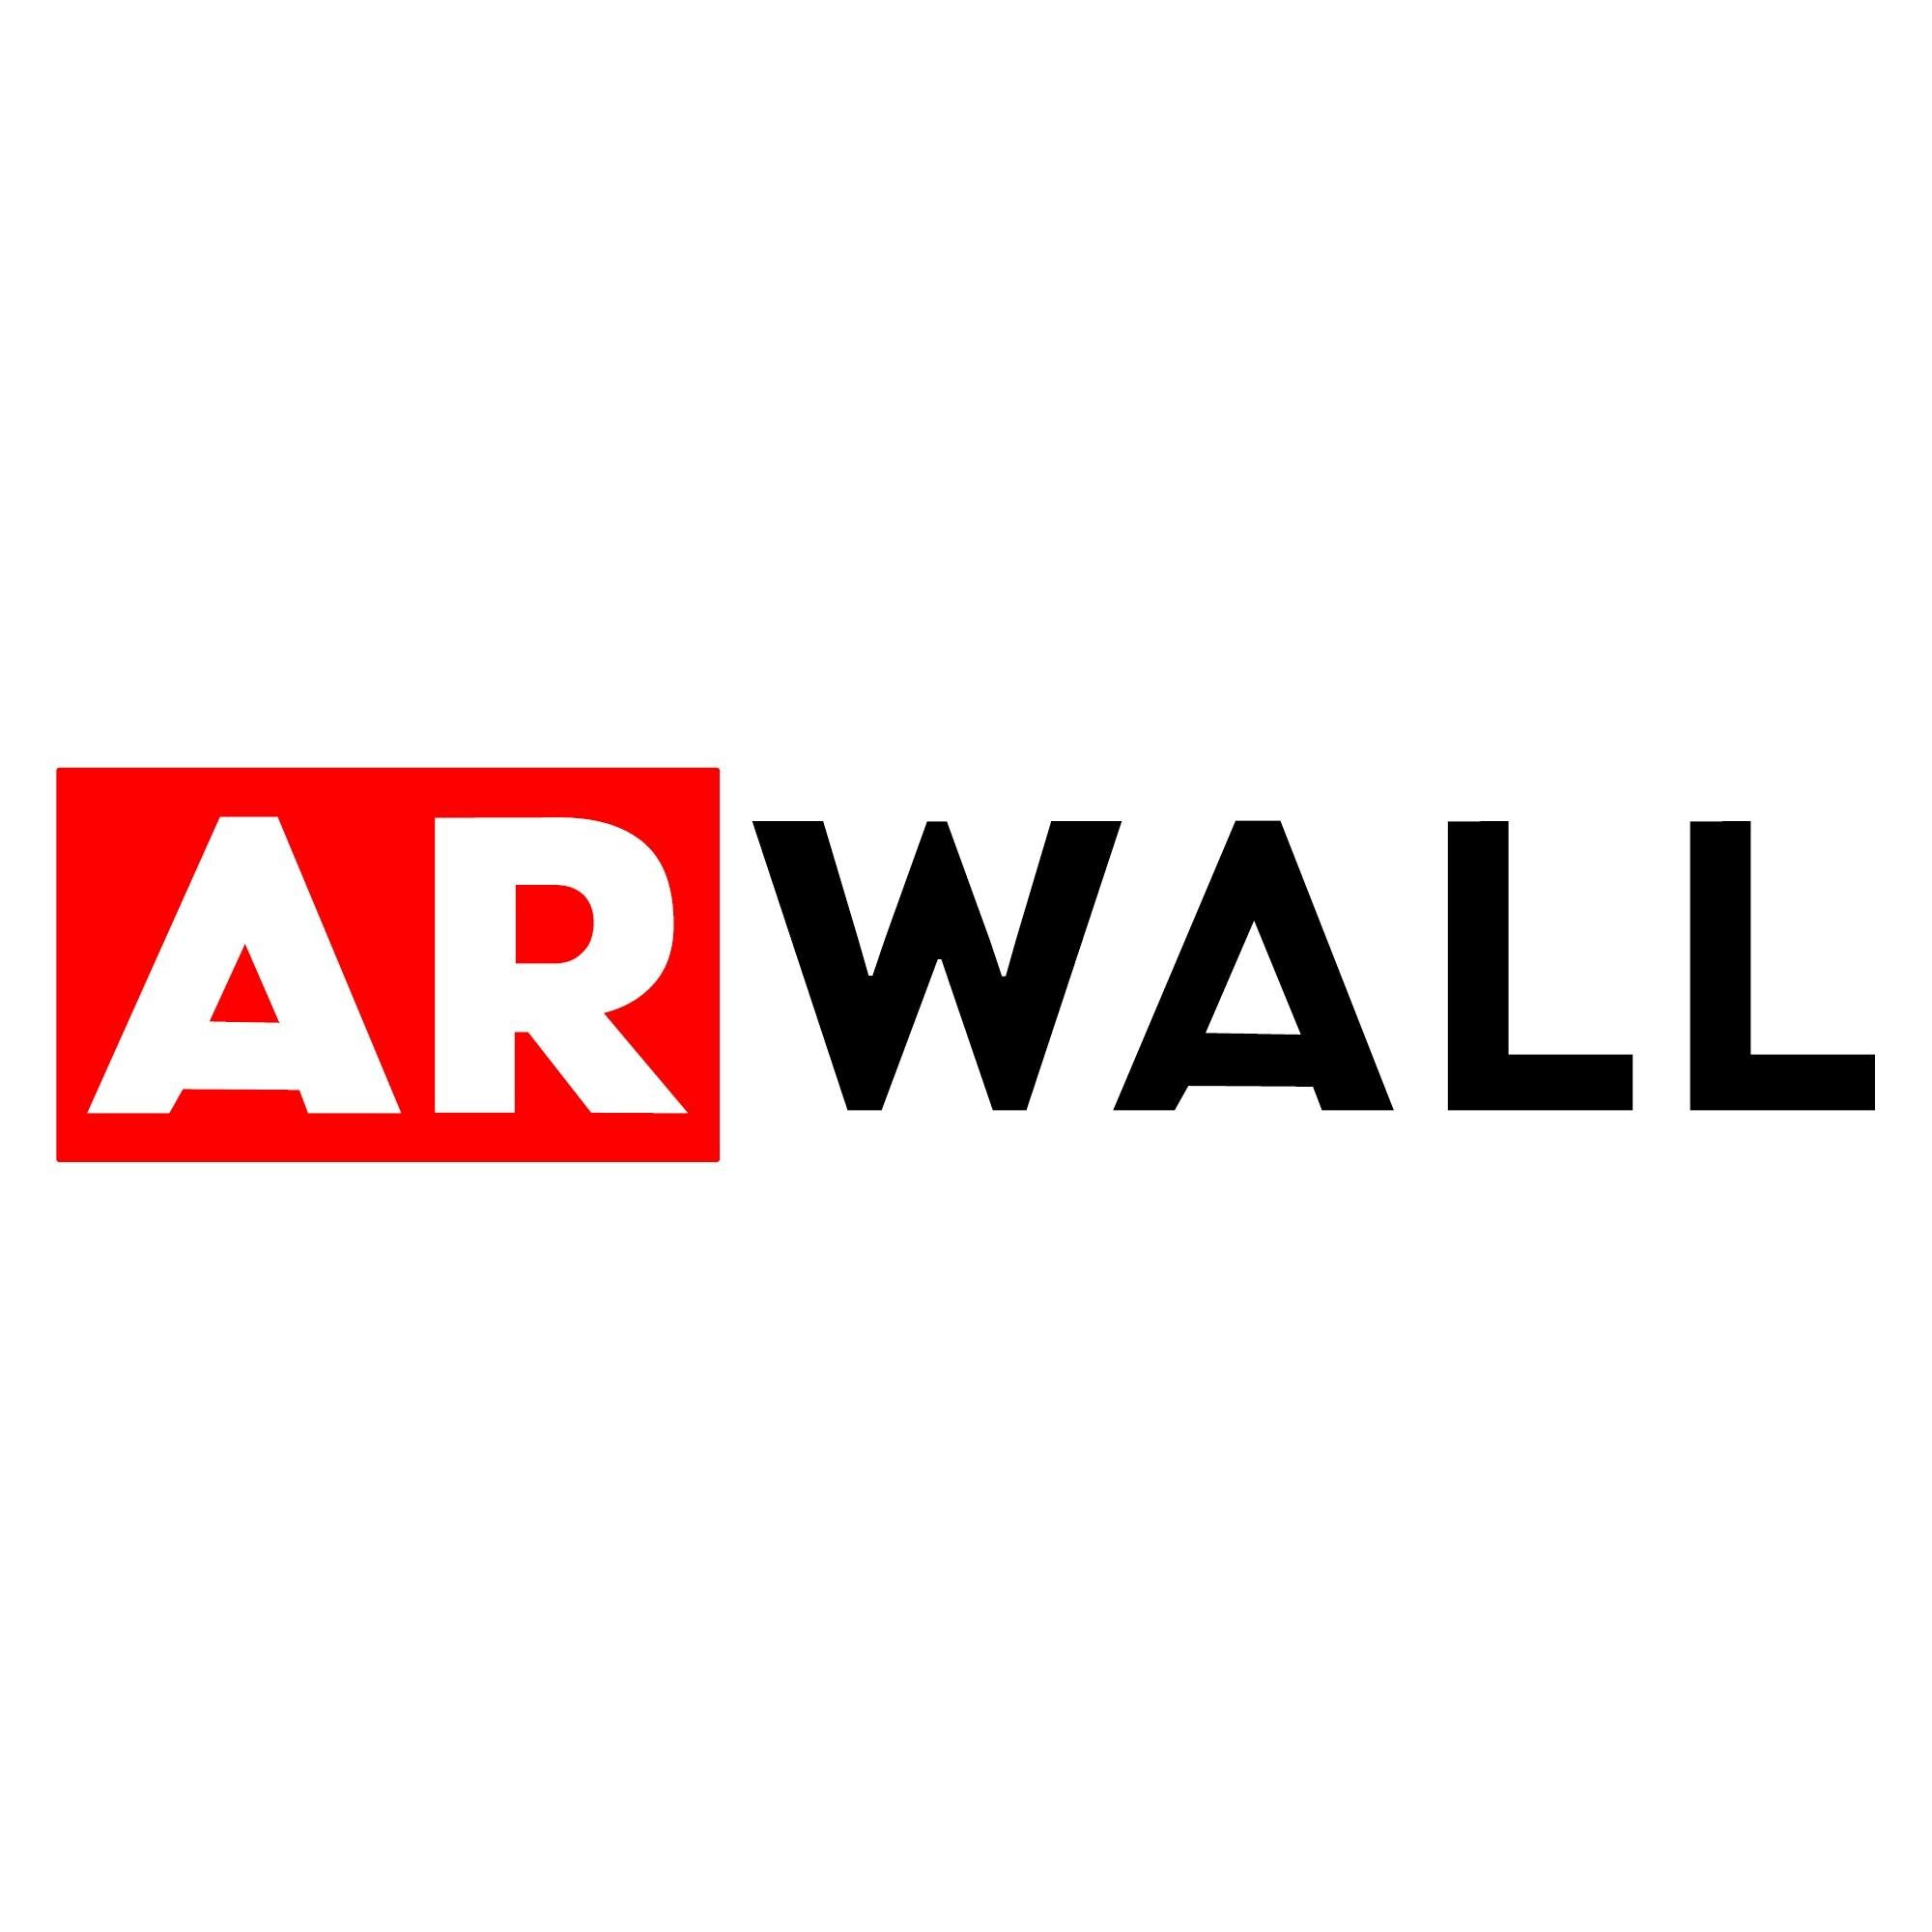 ARwall